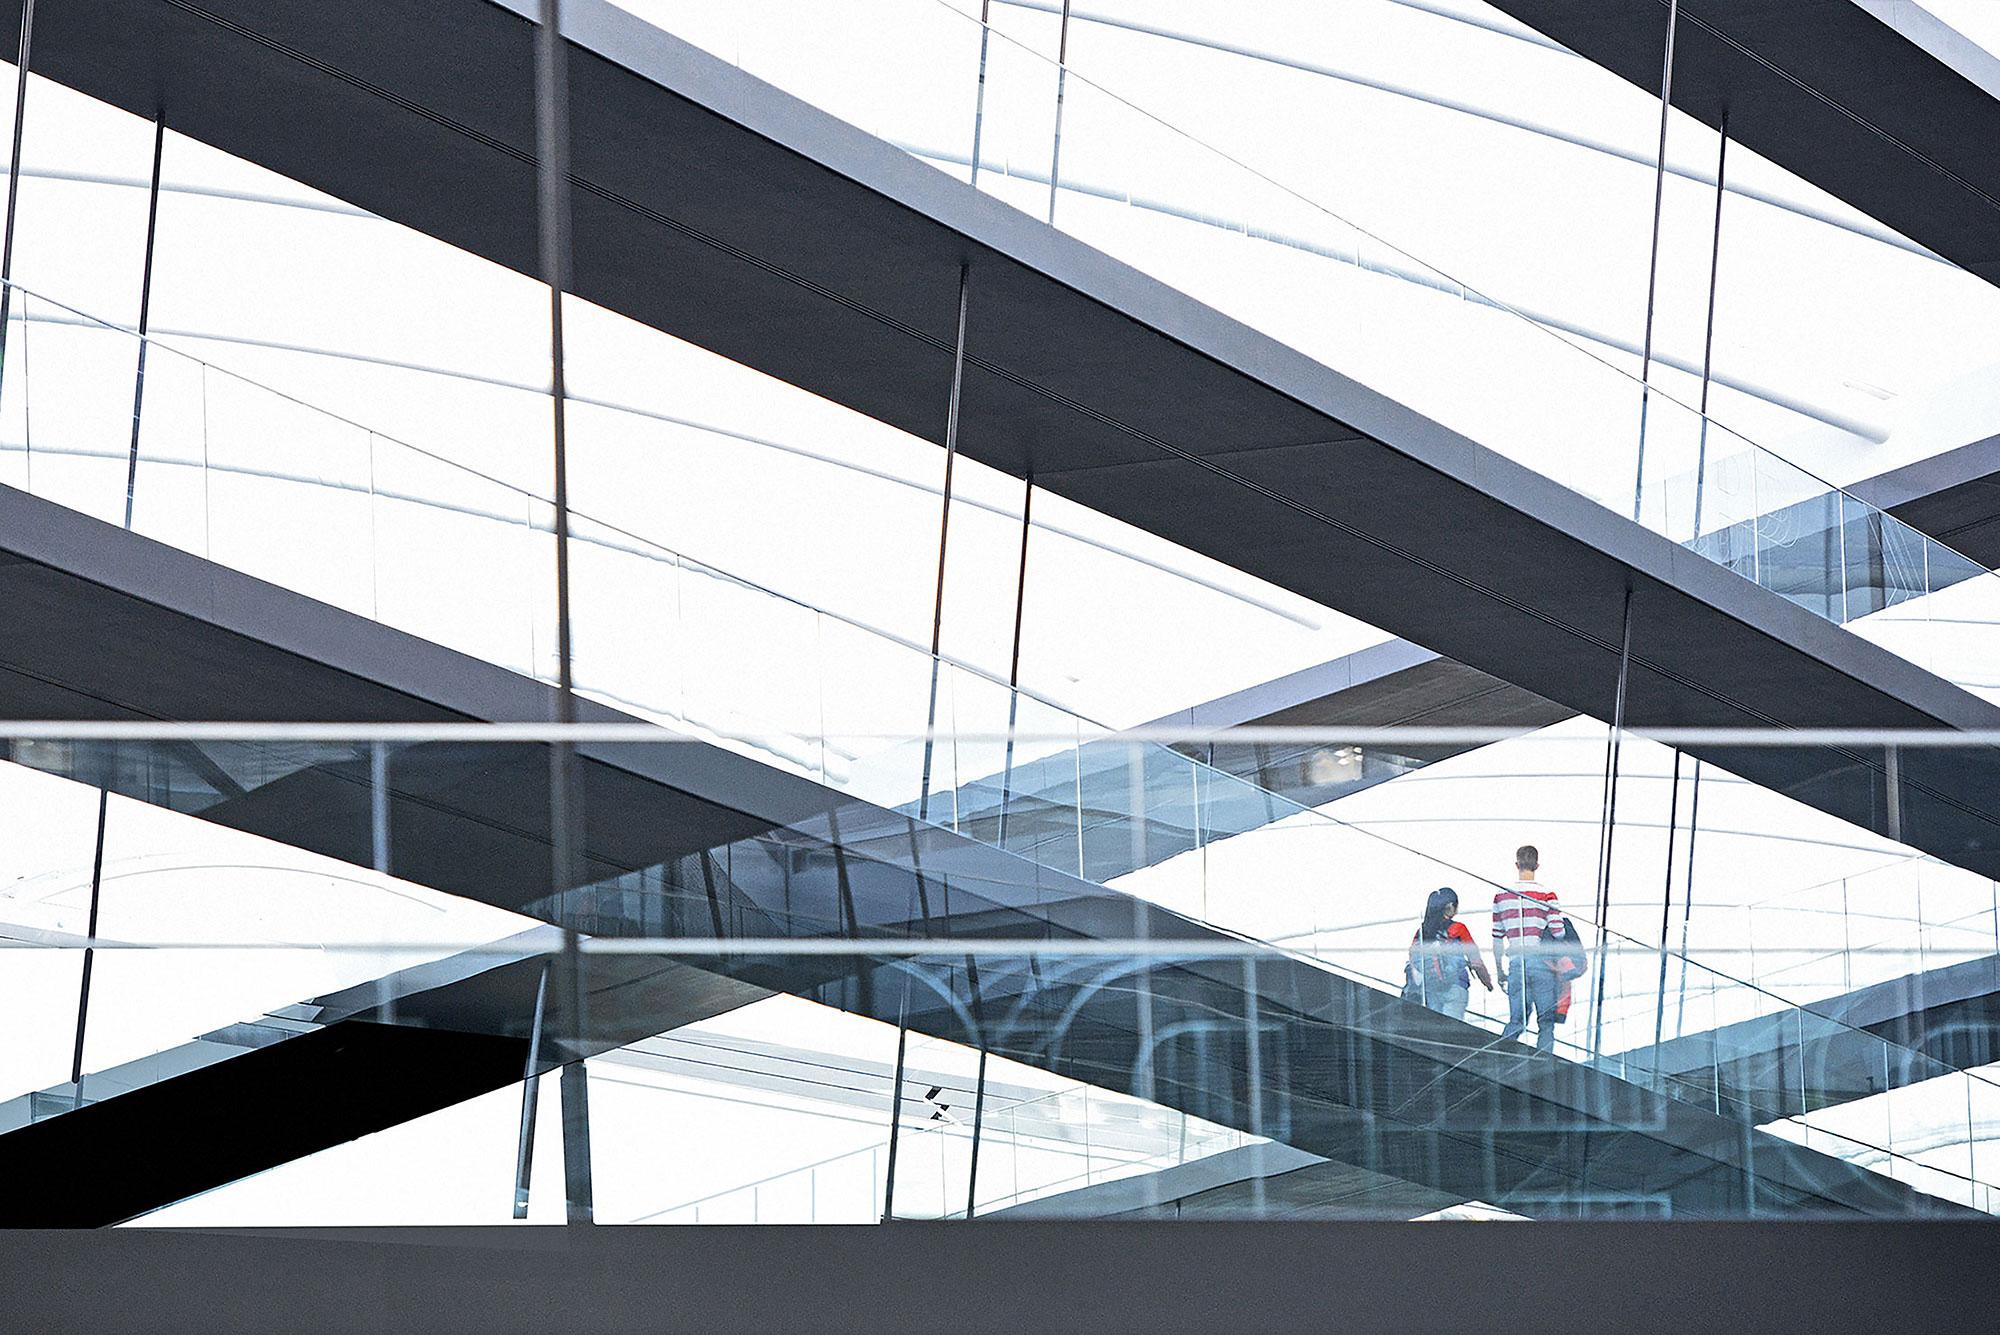 adidas Laces, Herzogenaurach (architect: BauNetz Architekten)